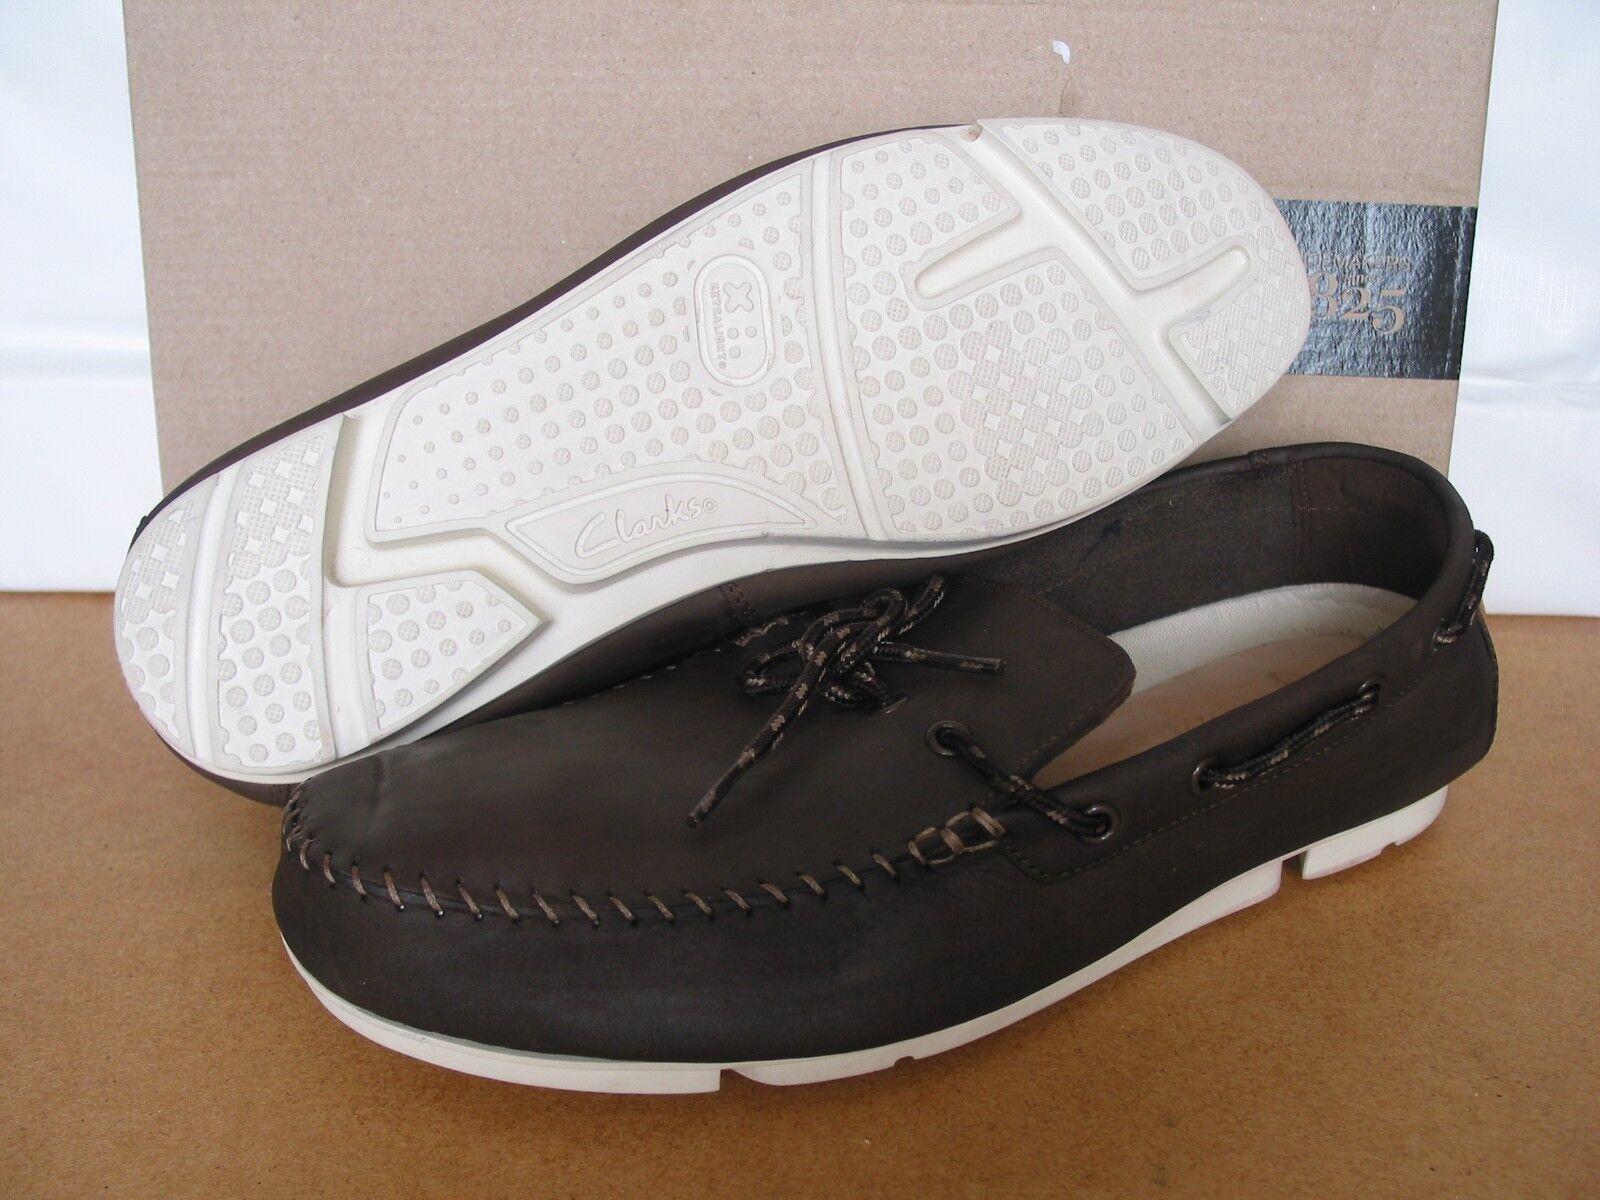 """85152f174 Nuevo Clarks trigenic Flex trimocc borde de cuero suave suave suave zapatos  talla 9 y 7.5. """""""